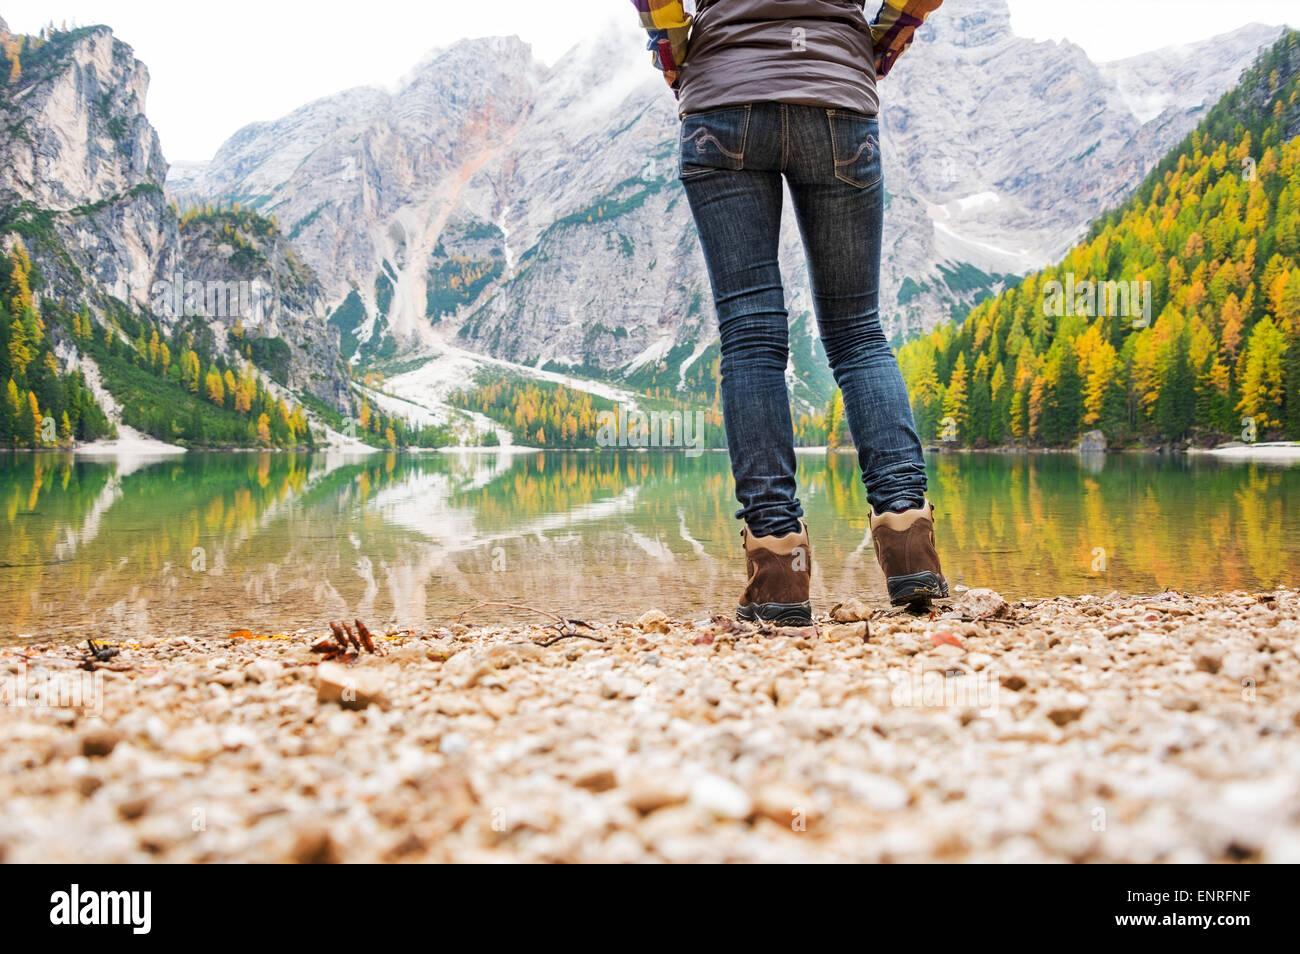 Studium der unteren Hälfte. Eine Frau Wanderer steht am Rande des Sees Bries. Im Vordergrund, einen Kieselstrand. Stockbild